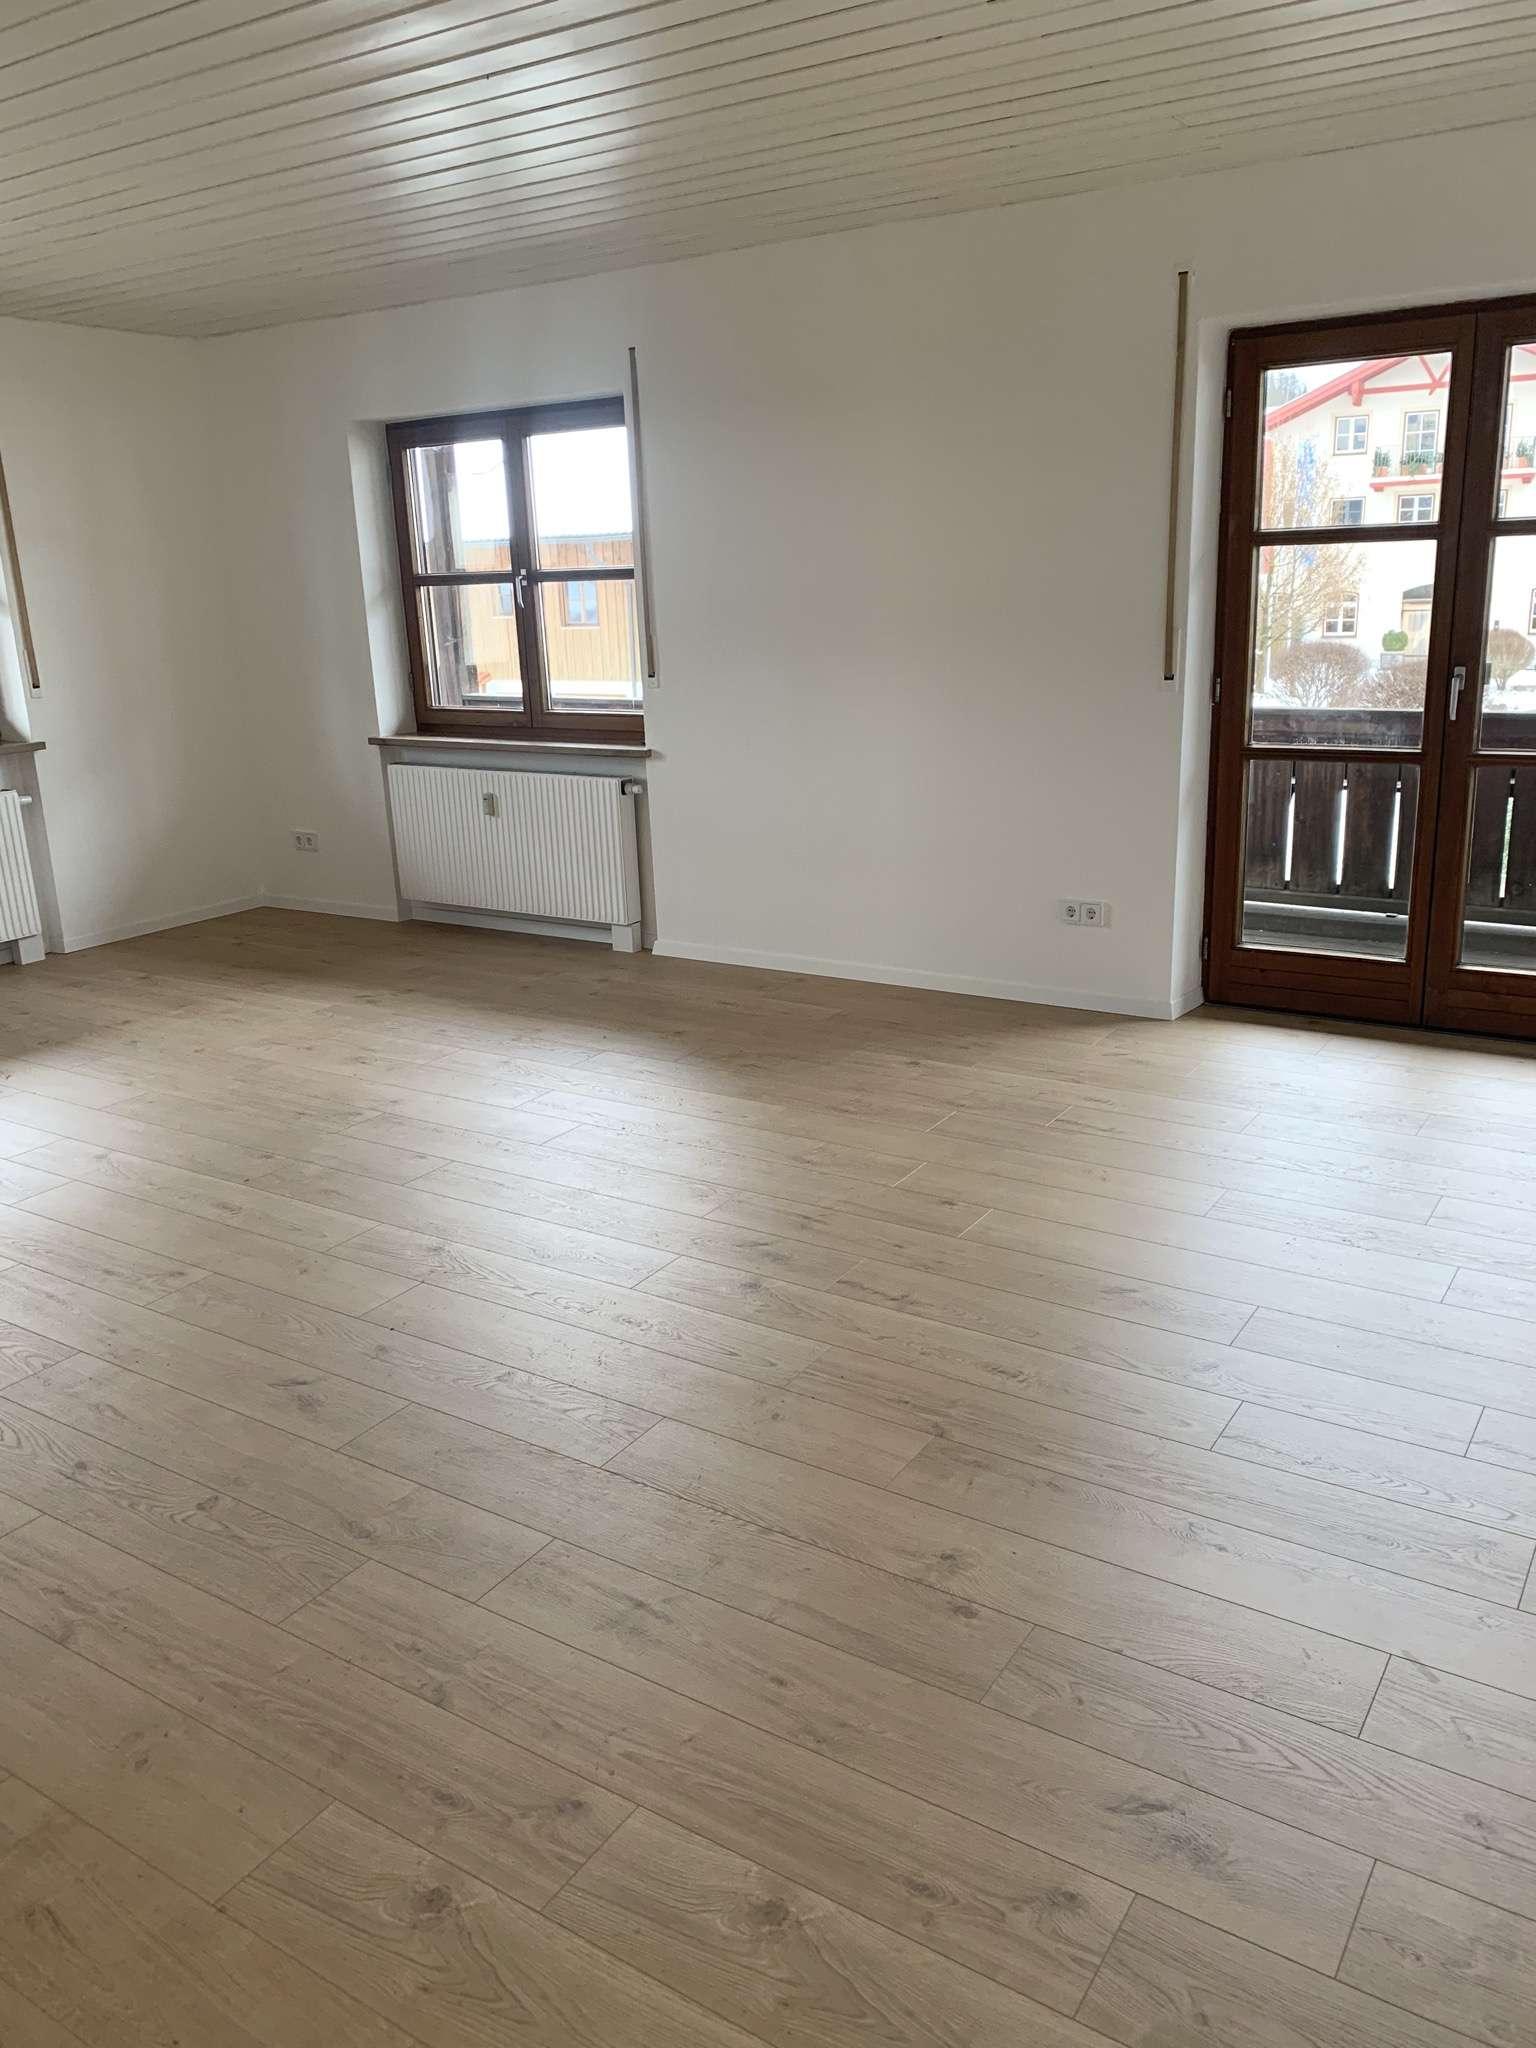 2-Zimmer-Wohnung / Frisch Saniert im wunderschönen Ortskern von Amerang in